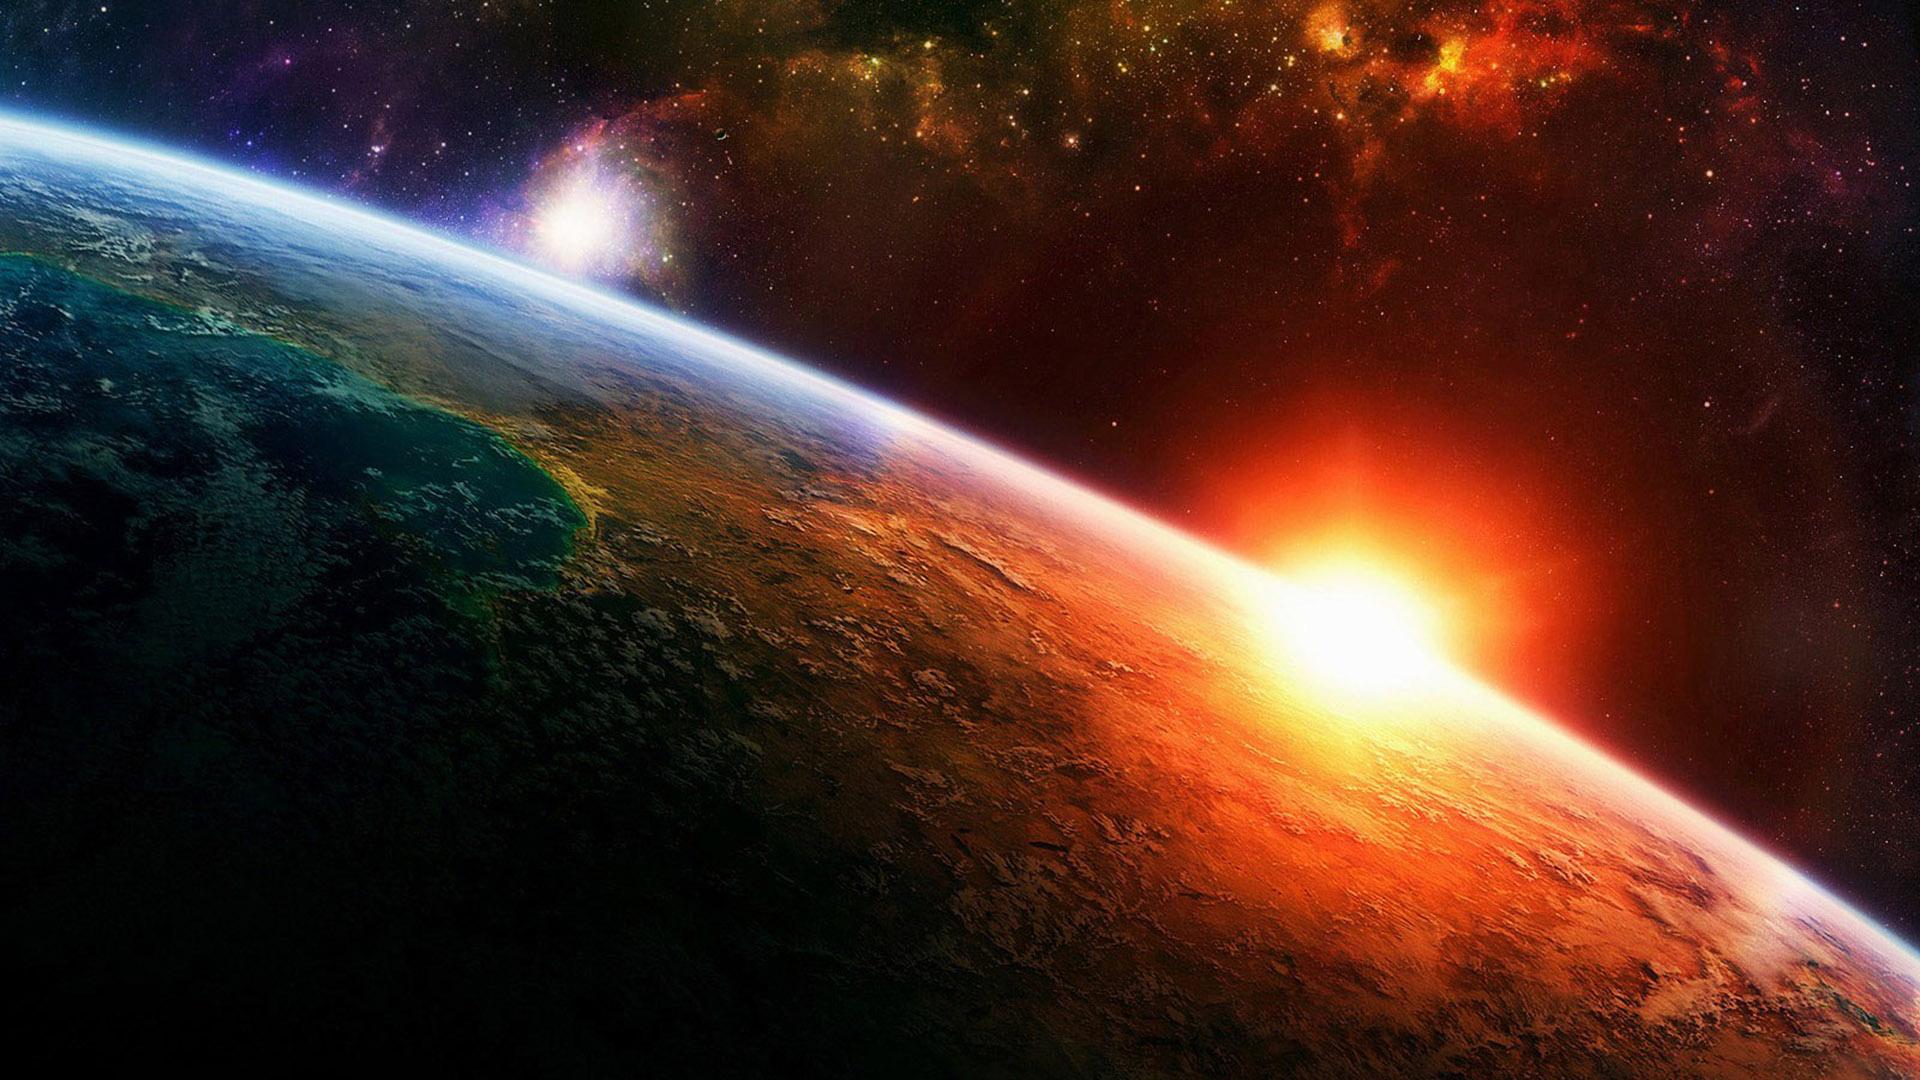 fond ecran : couché de soleil vue de l'espace id :  rubrique